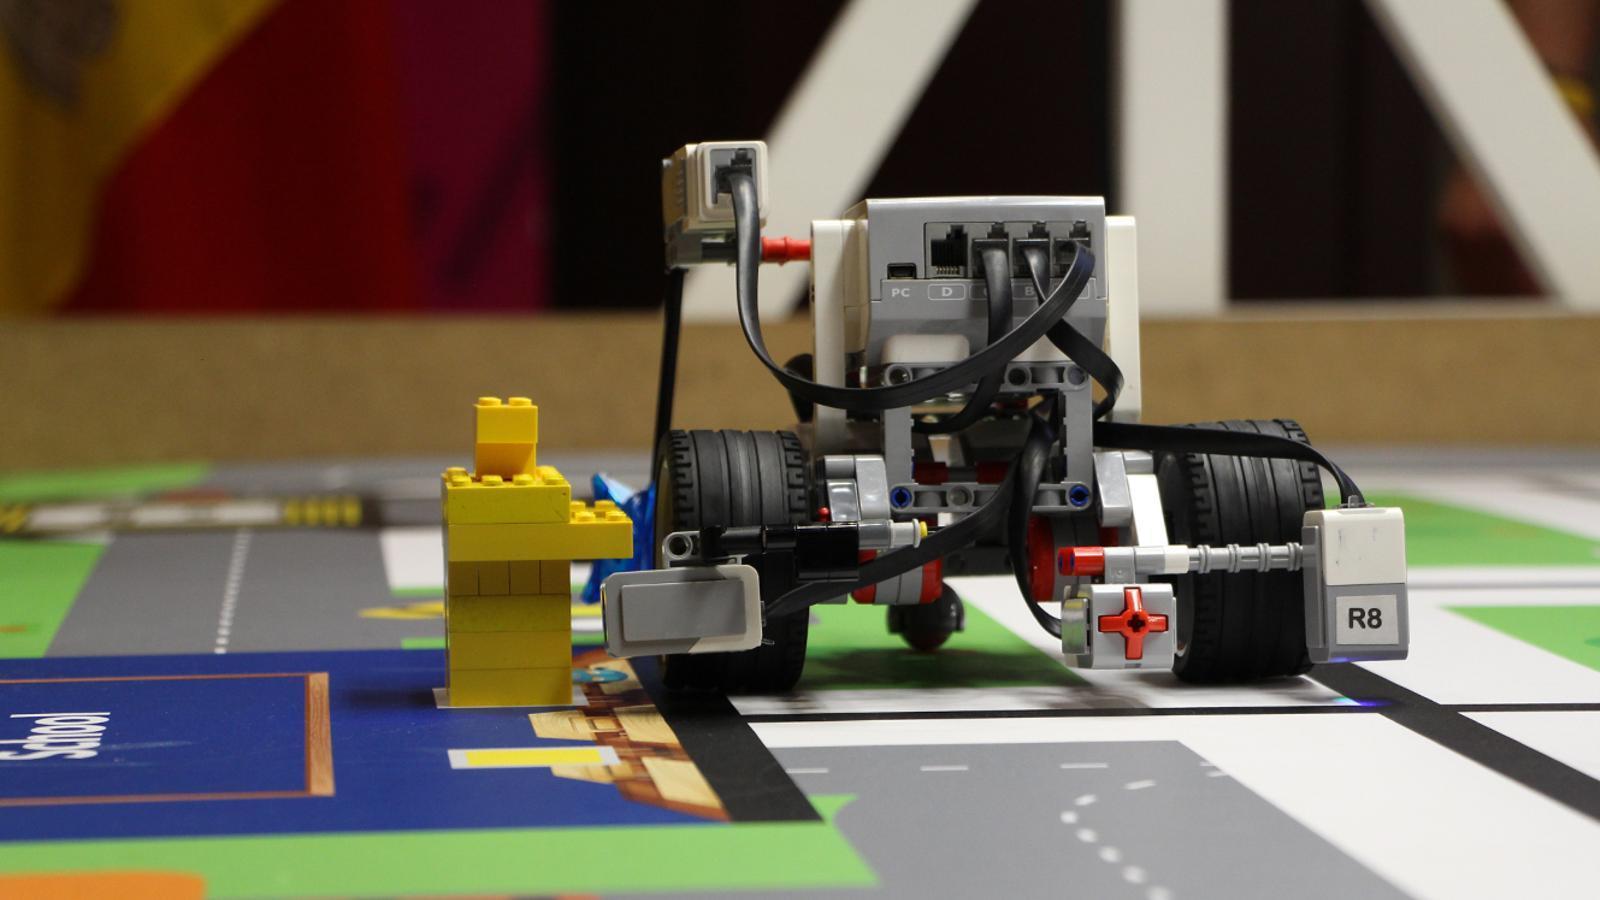 Un dels robots que ha participat en la WRO 2019. / M. P. (ANA)